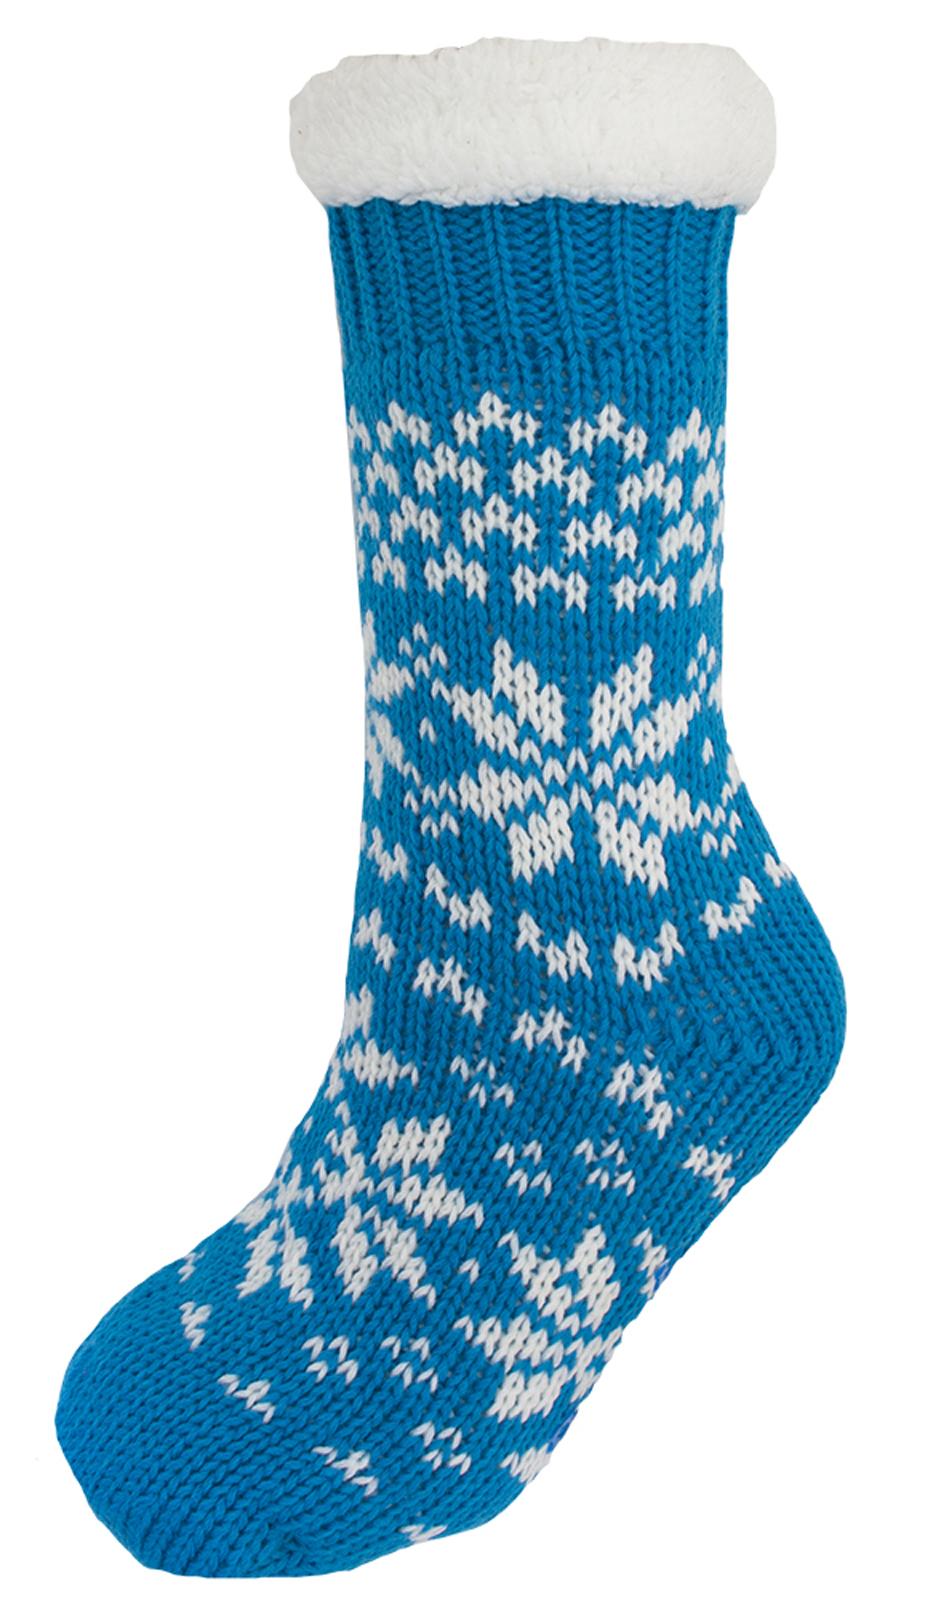 Para Niños Niños Niñas Fairisle Zapatillas Calcetines Cama Piel Forrada BOTINES SIZE UK 4-7